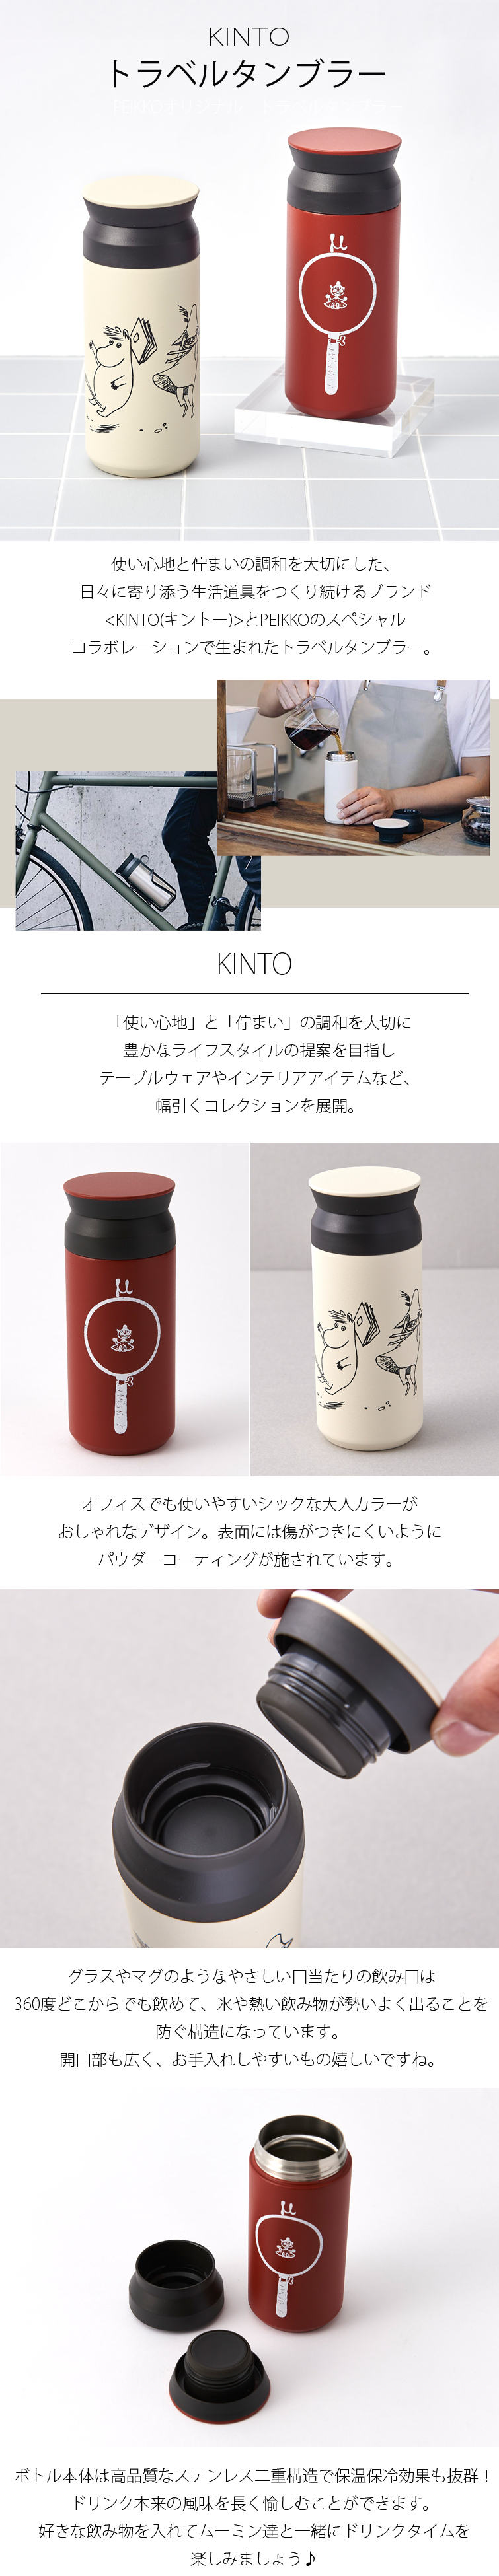 ムーミン公式オンラインショップPEIKKO KINTO トラベルタンブラー ムーミン デザイン